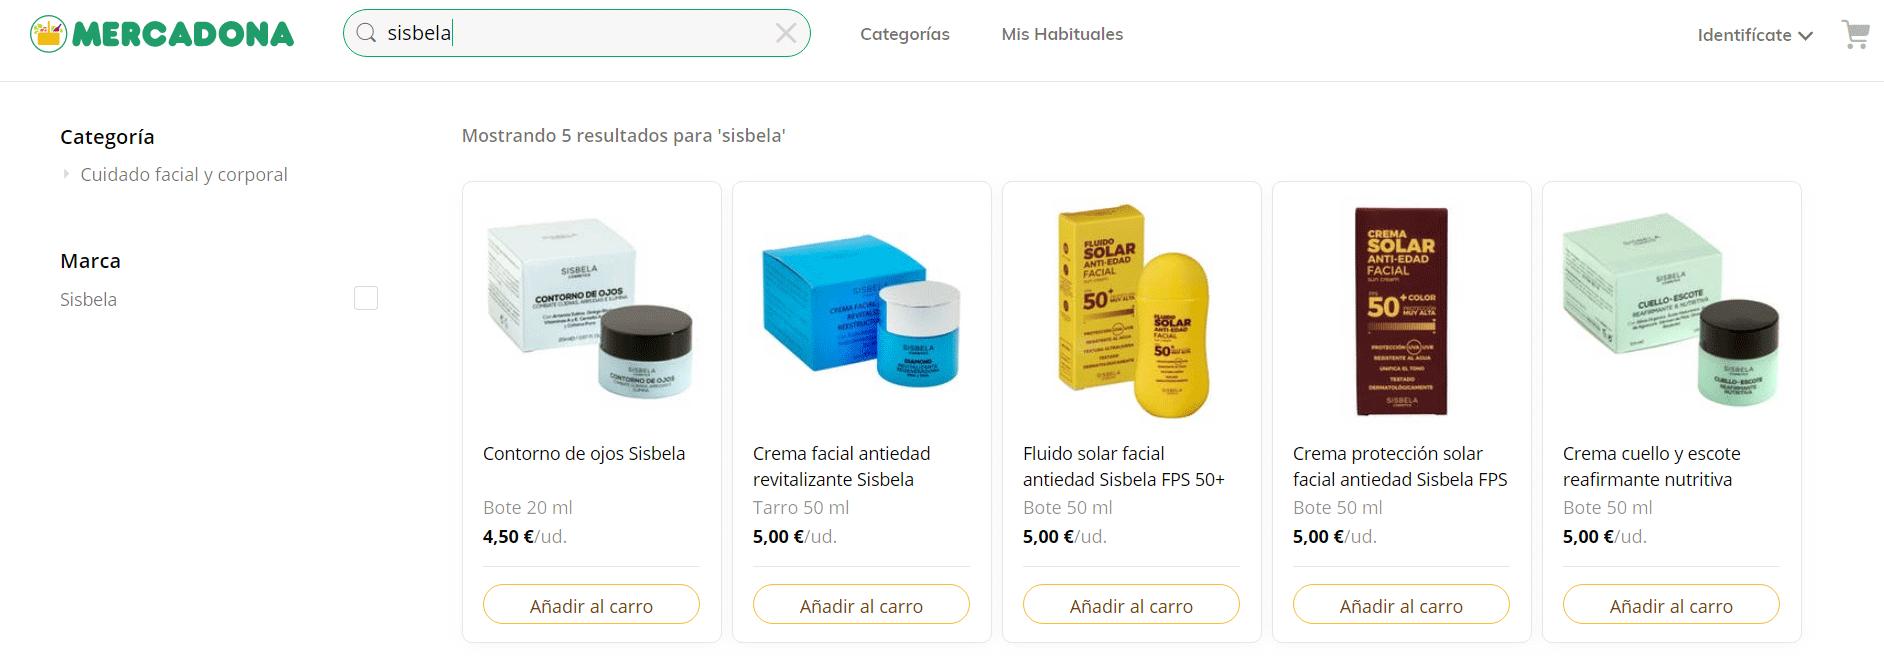 Cremas de Mercadona.